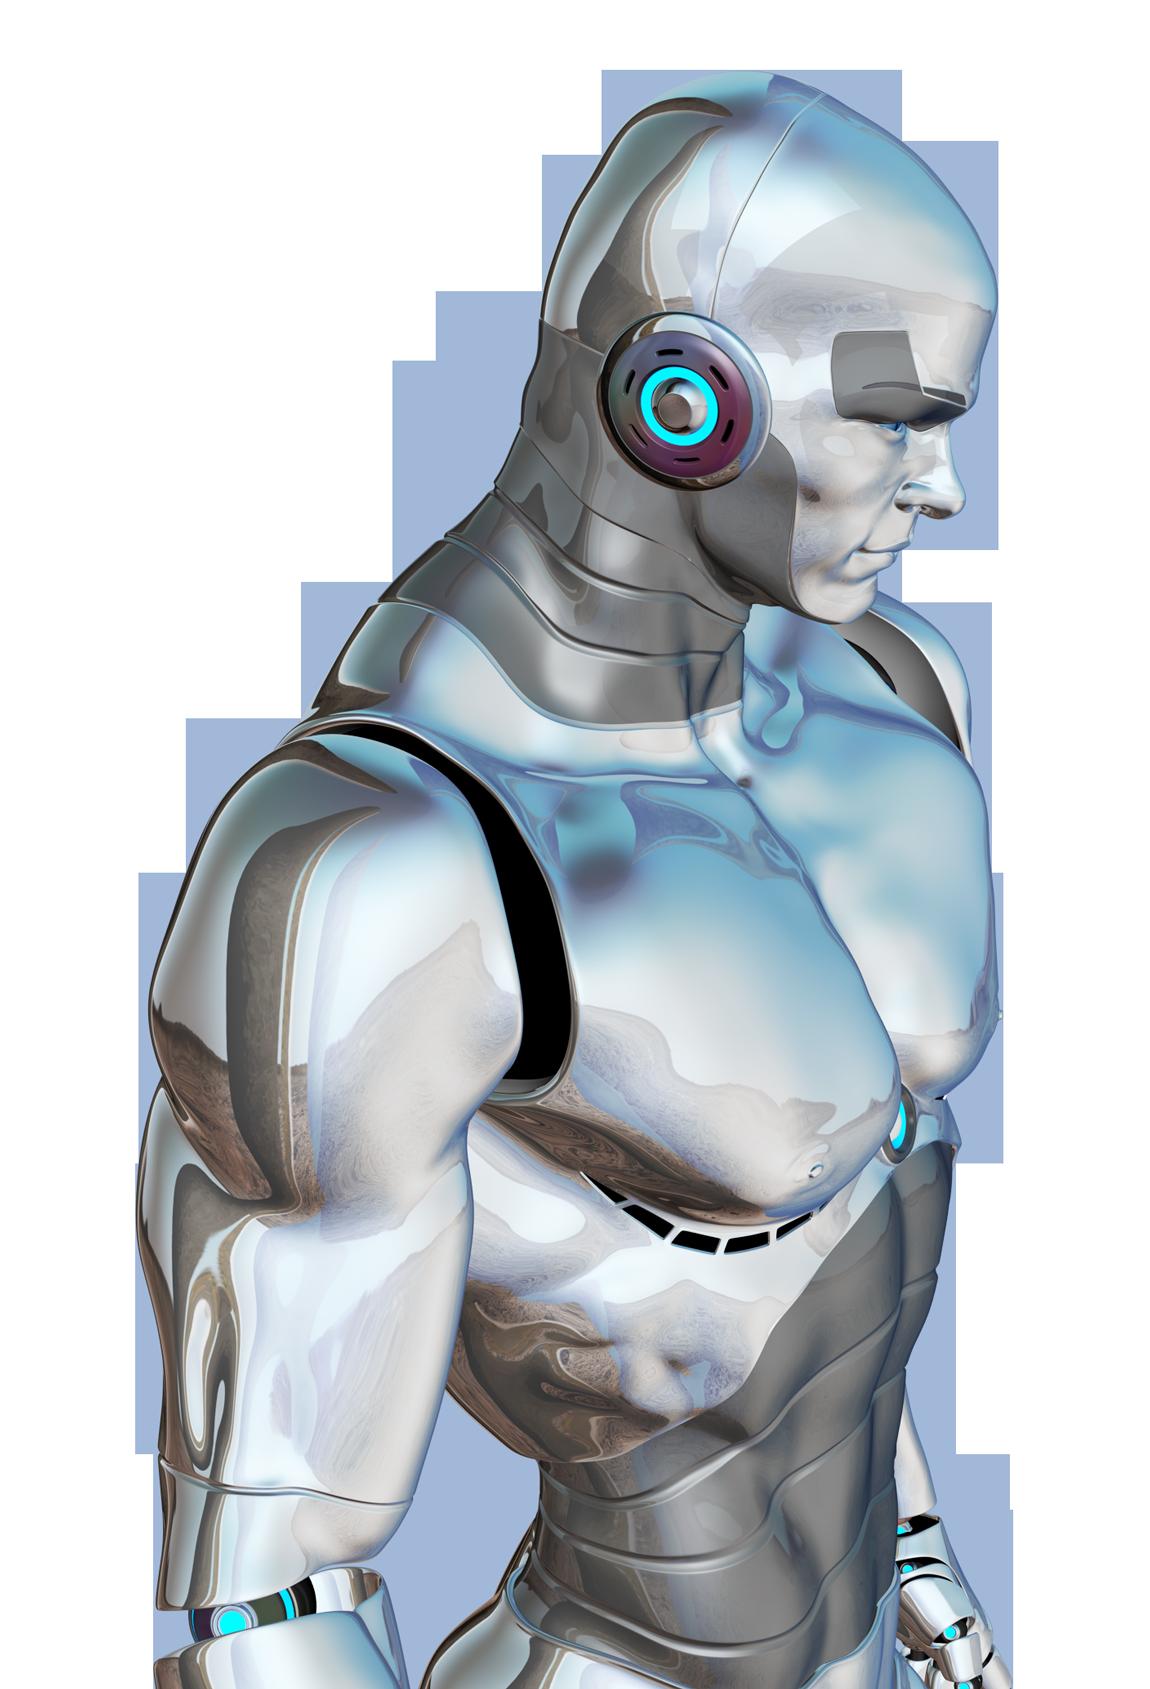 PNGPIX-COM-Robot-PNG-Transparent-Image